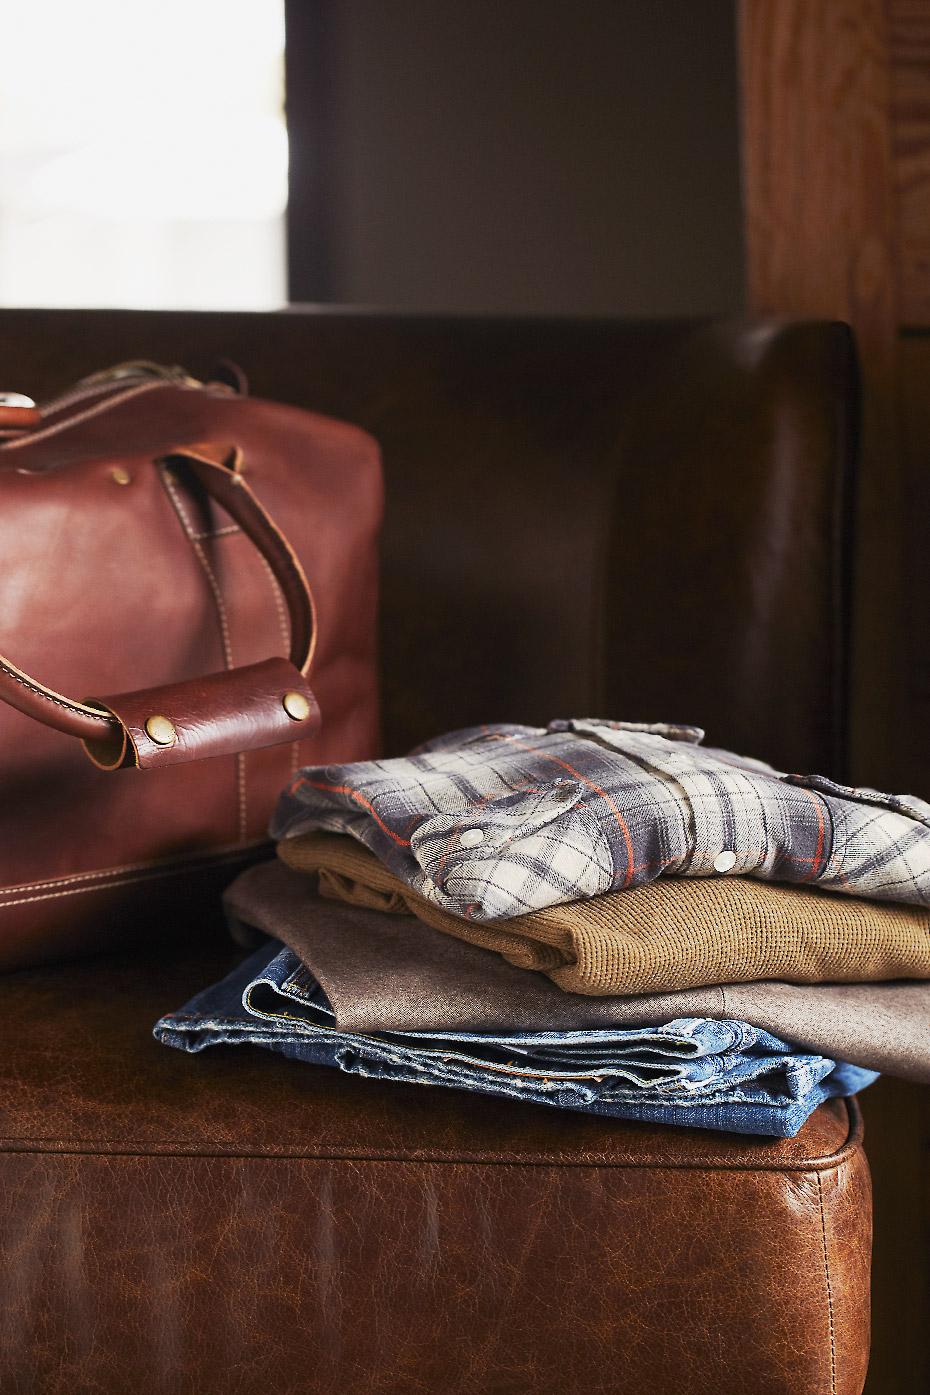 Stacey Van Berkel Photography I Gentlemen's Travel bag with clothing I Bernhardt Furniture